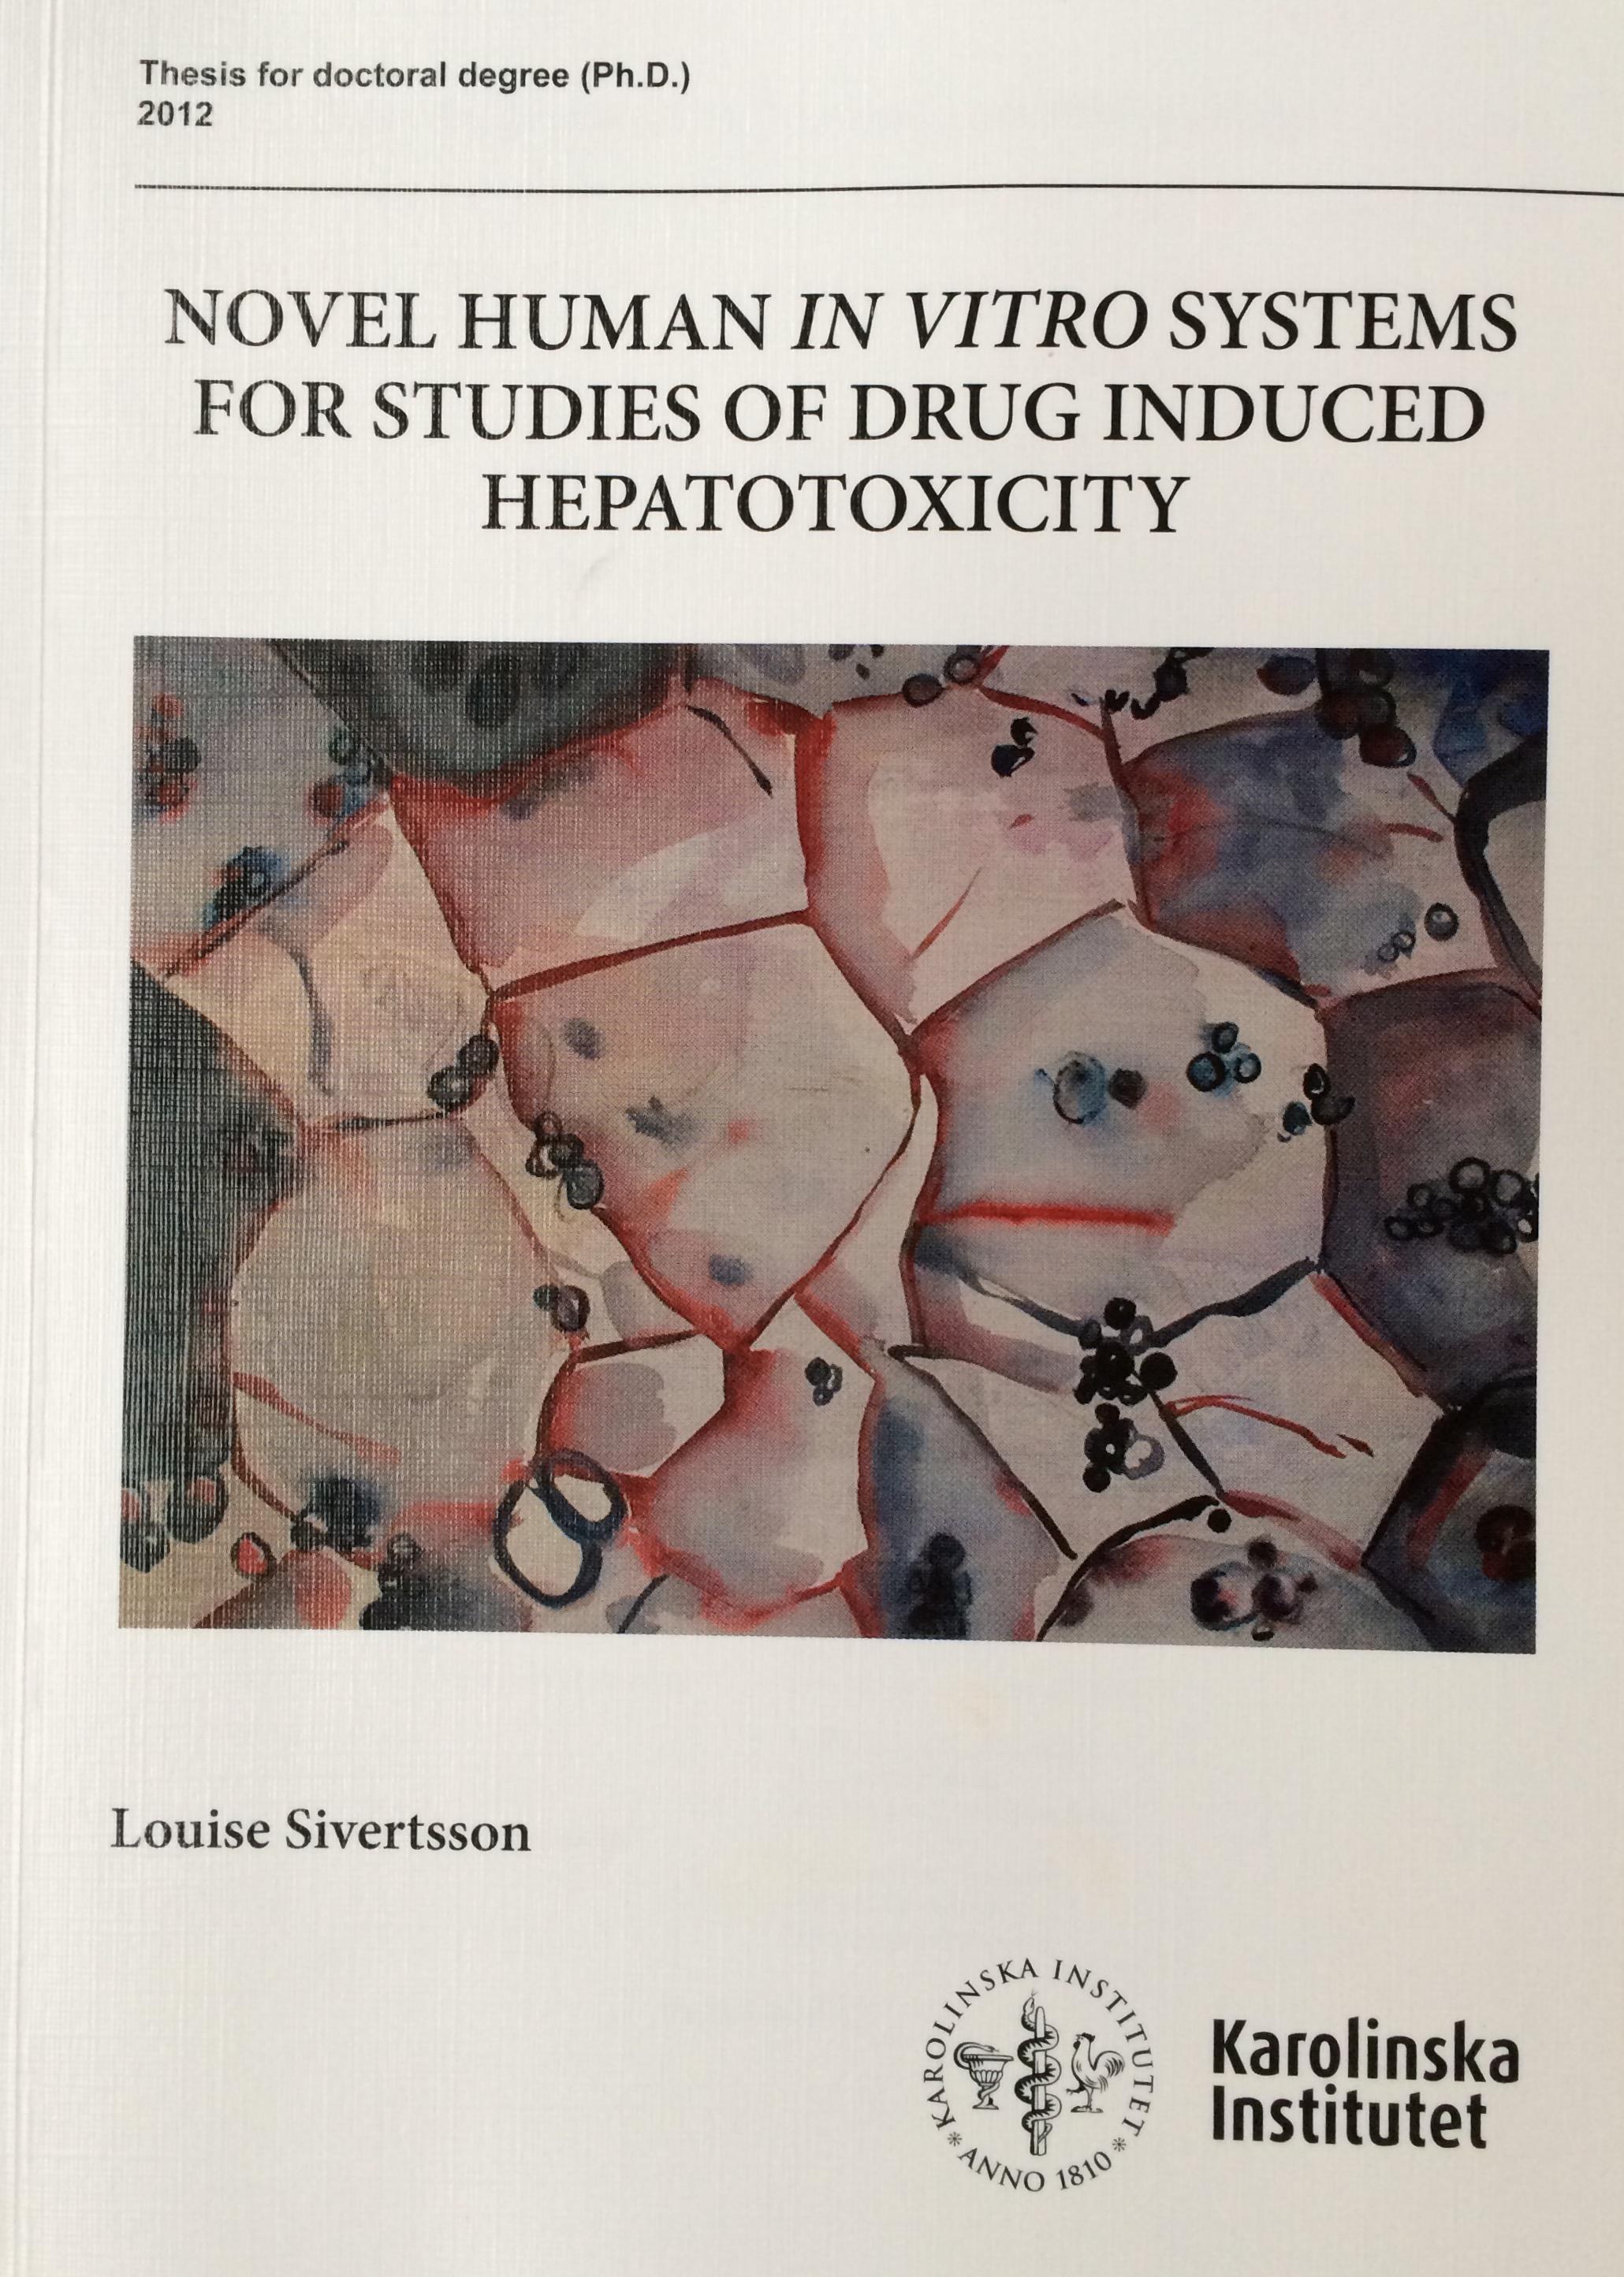 Sample thesis on religious studies